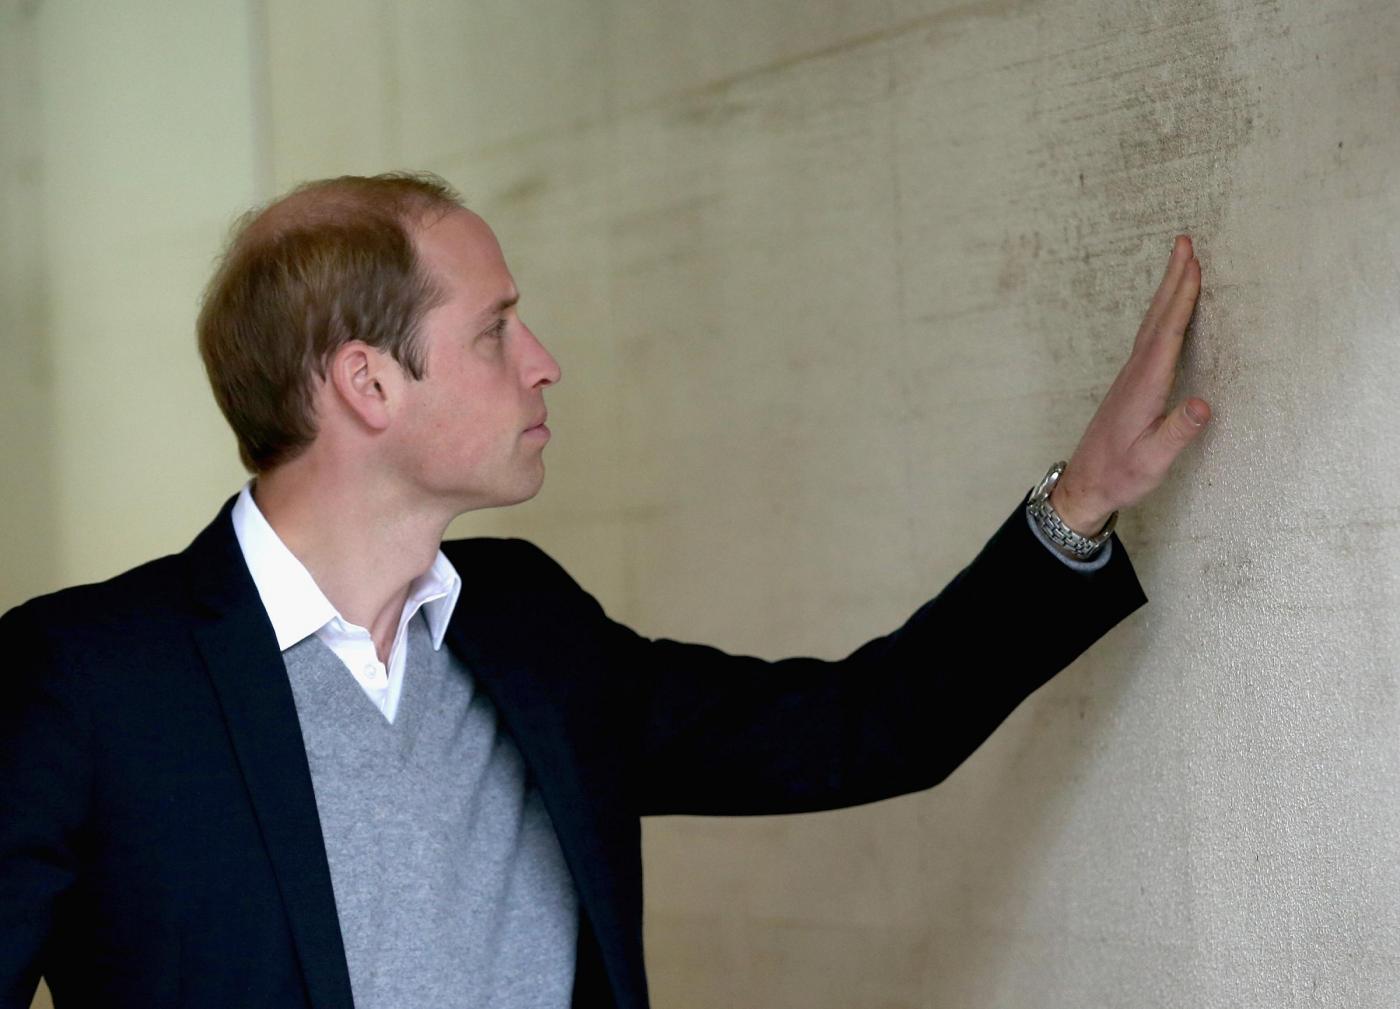 Principe William: il duca di Cambridge viaggia low cost nonostante il suo patrimonio